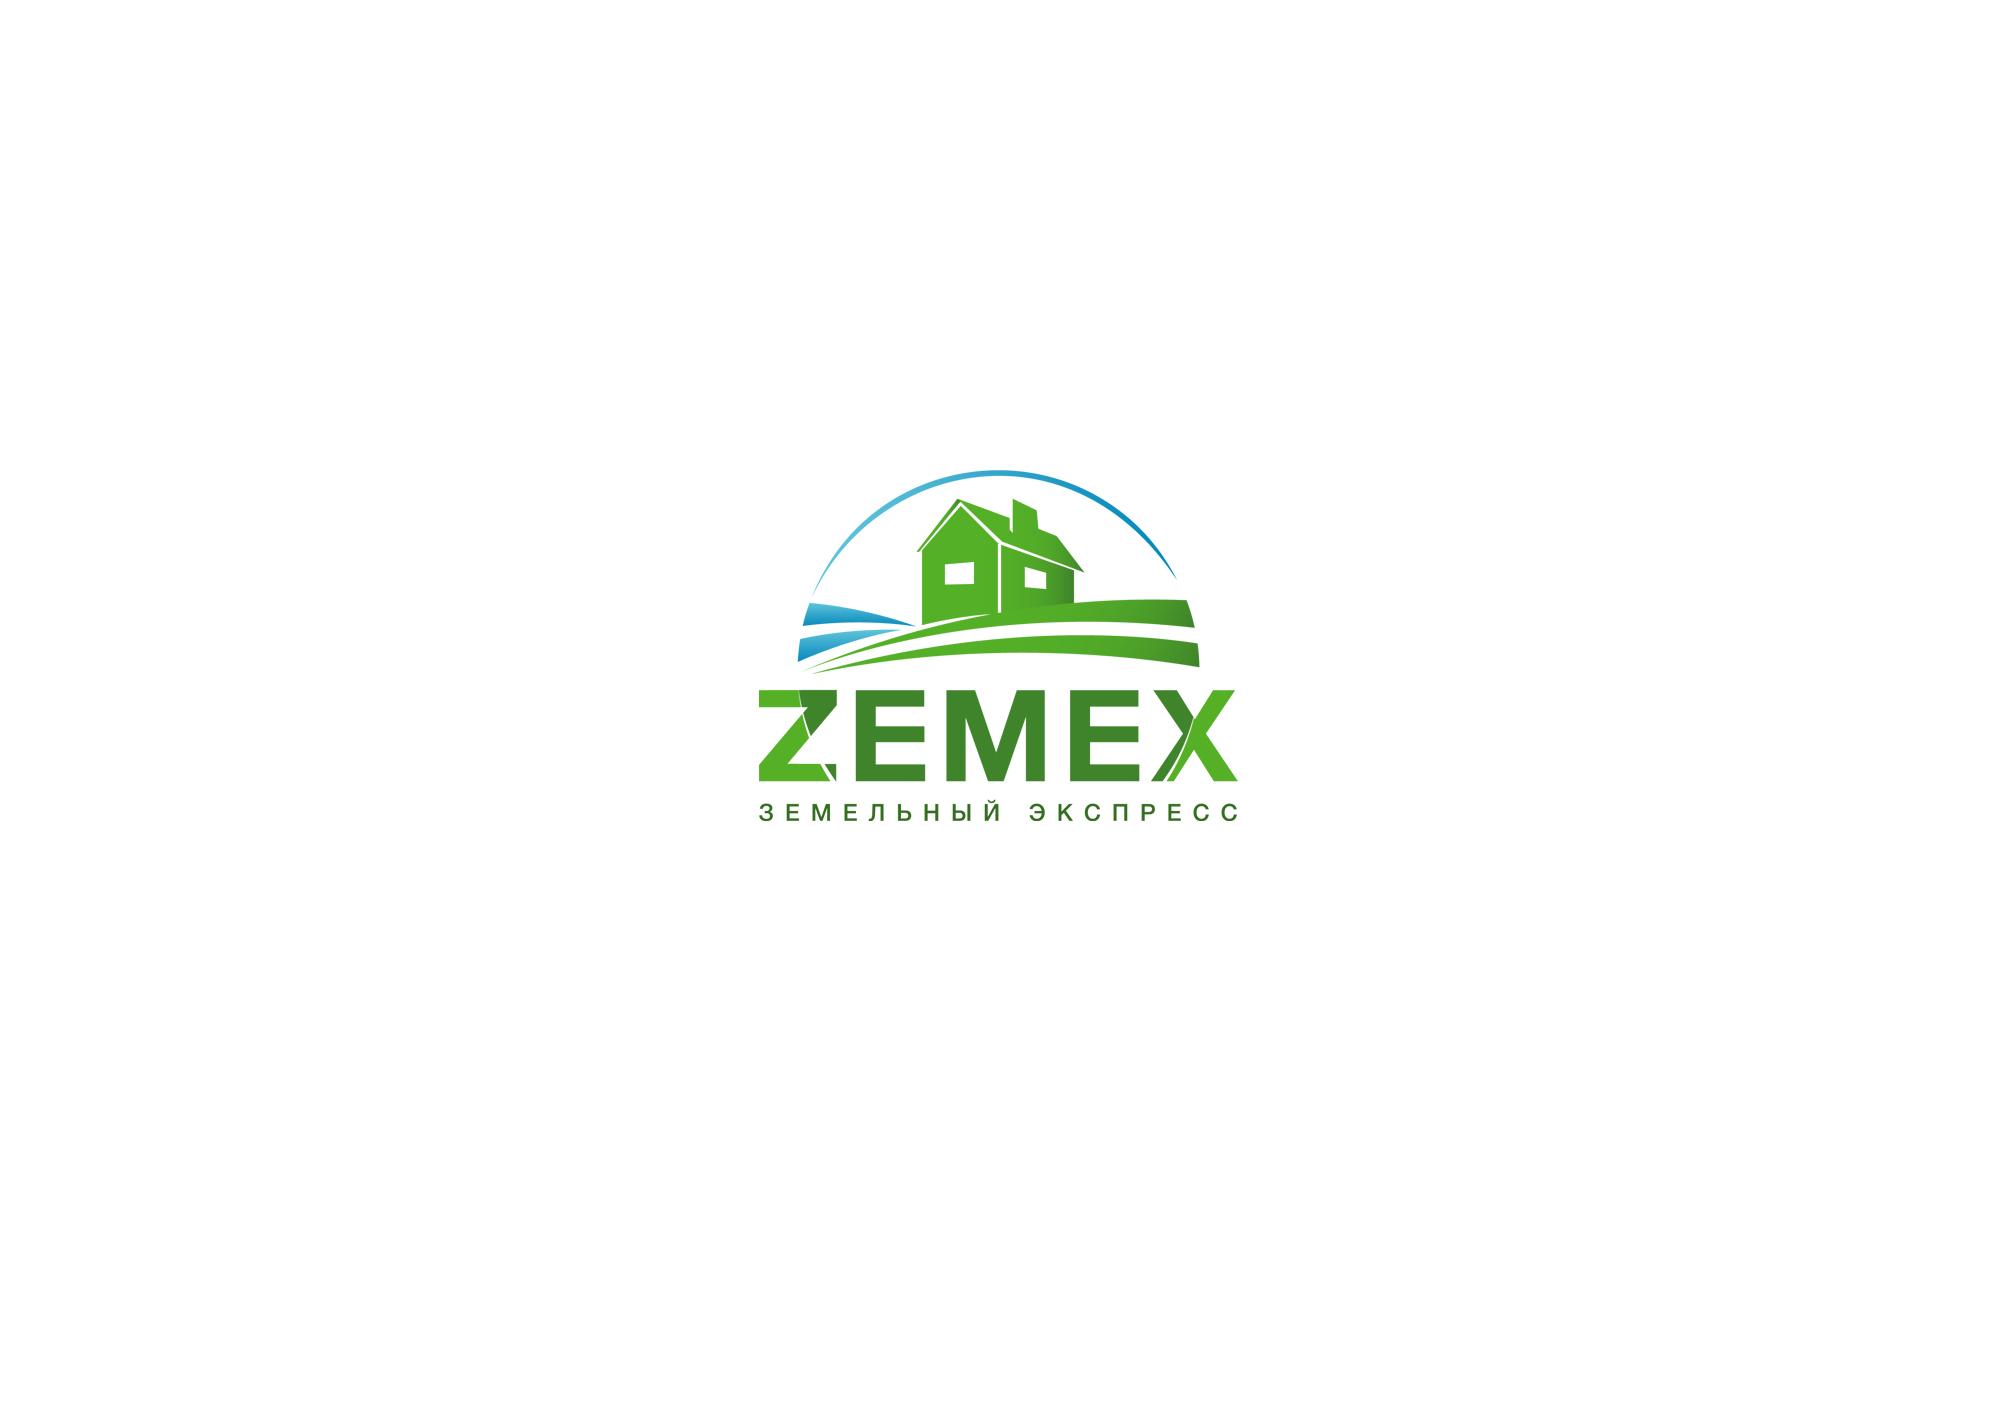 Создание логотипа и фирменного стиля фото f_17259f2d23e0e714.jpg